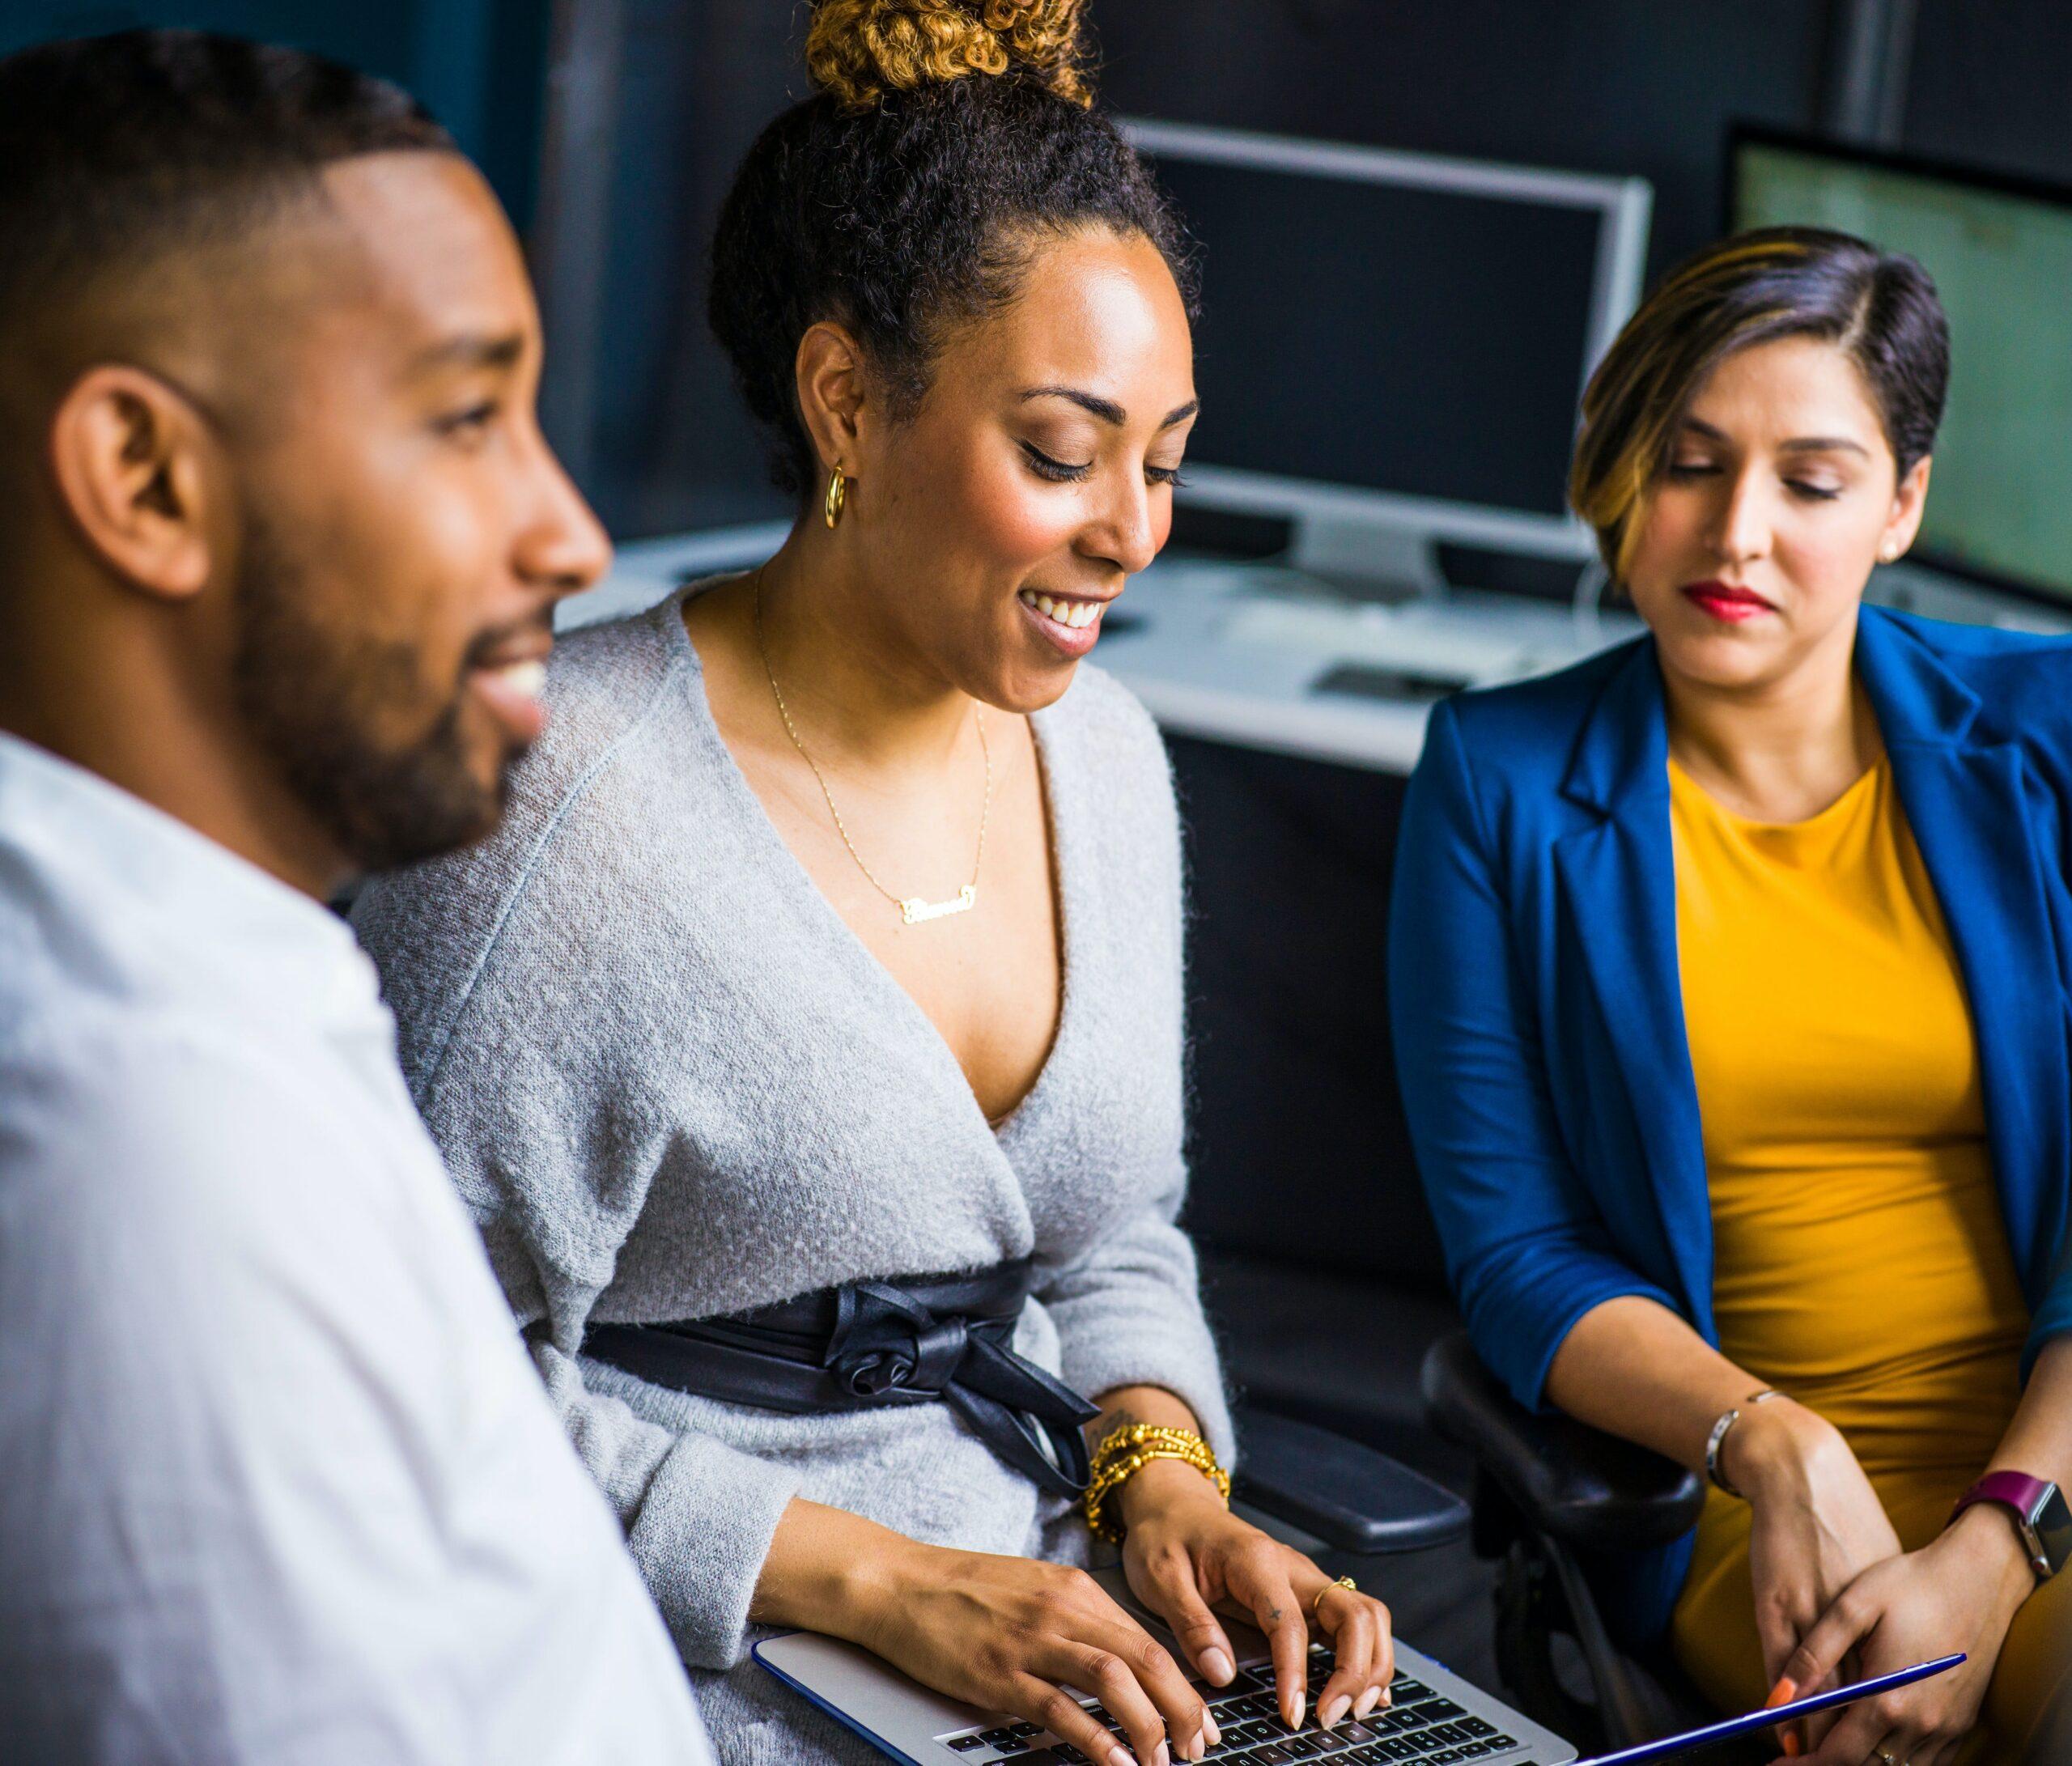 Intervisie werkvormen voor een beter gesprek